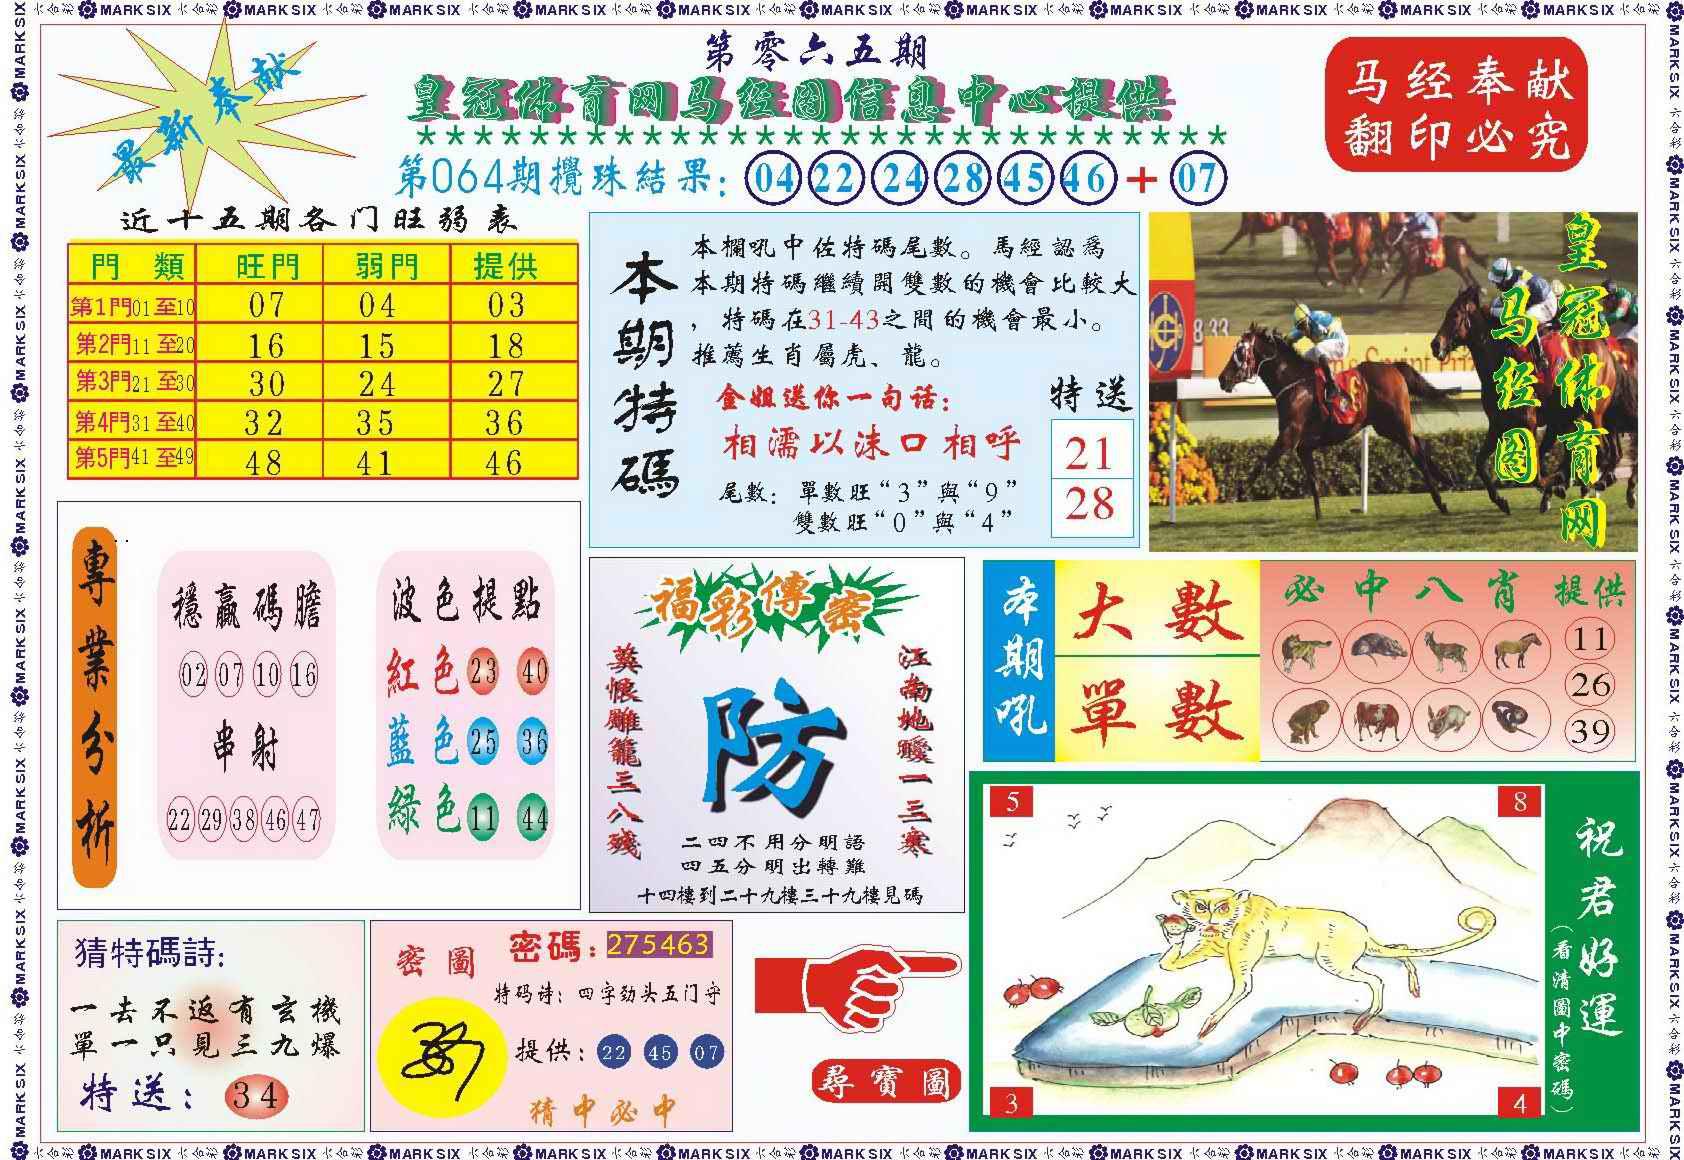 065期皇冠体育网马经图记录